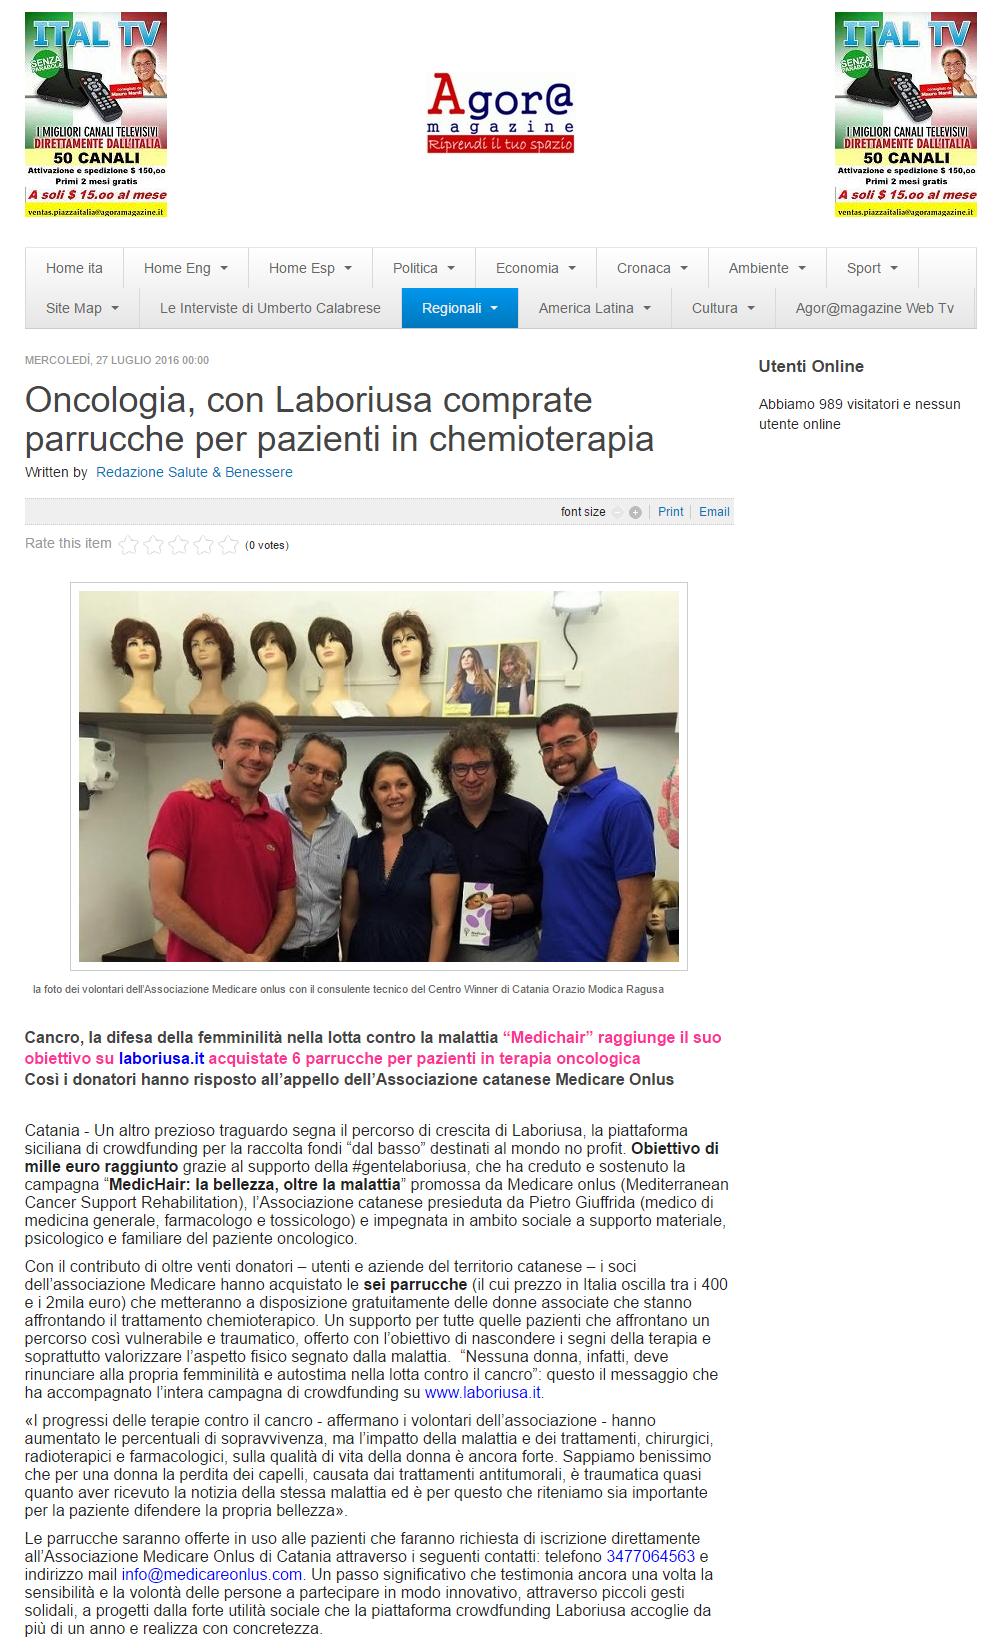 AGORA Oncologia  con Laboriusa comprate parrucche per pazienti in chemioterapia